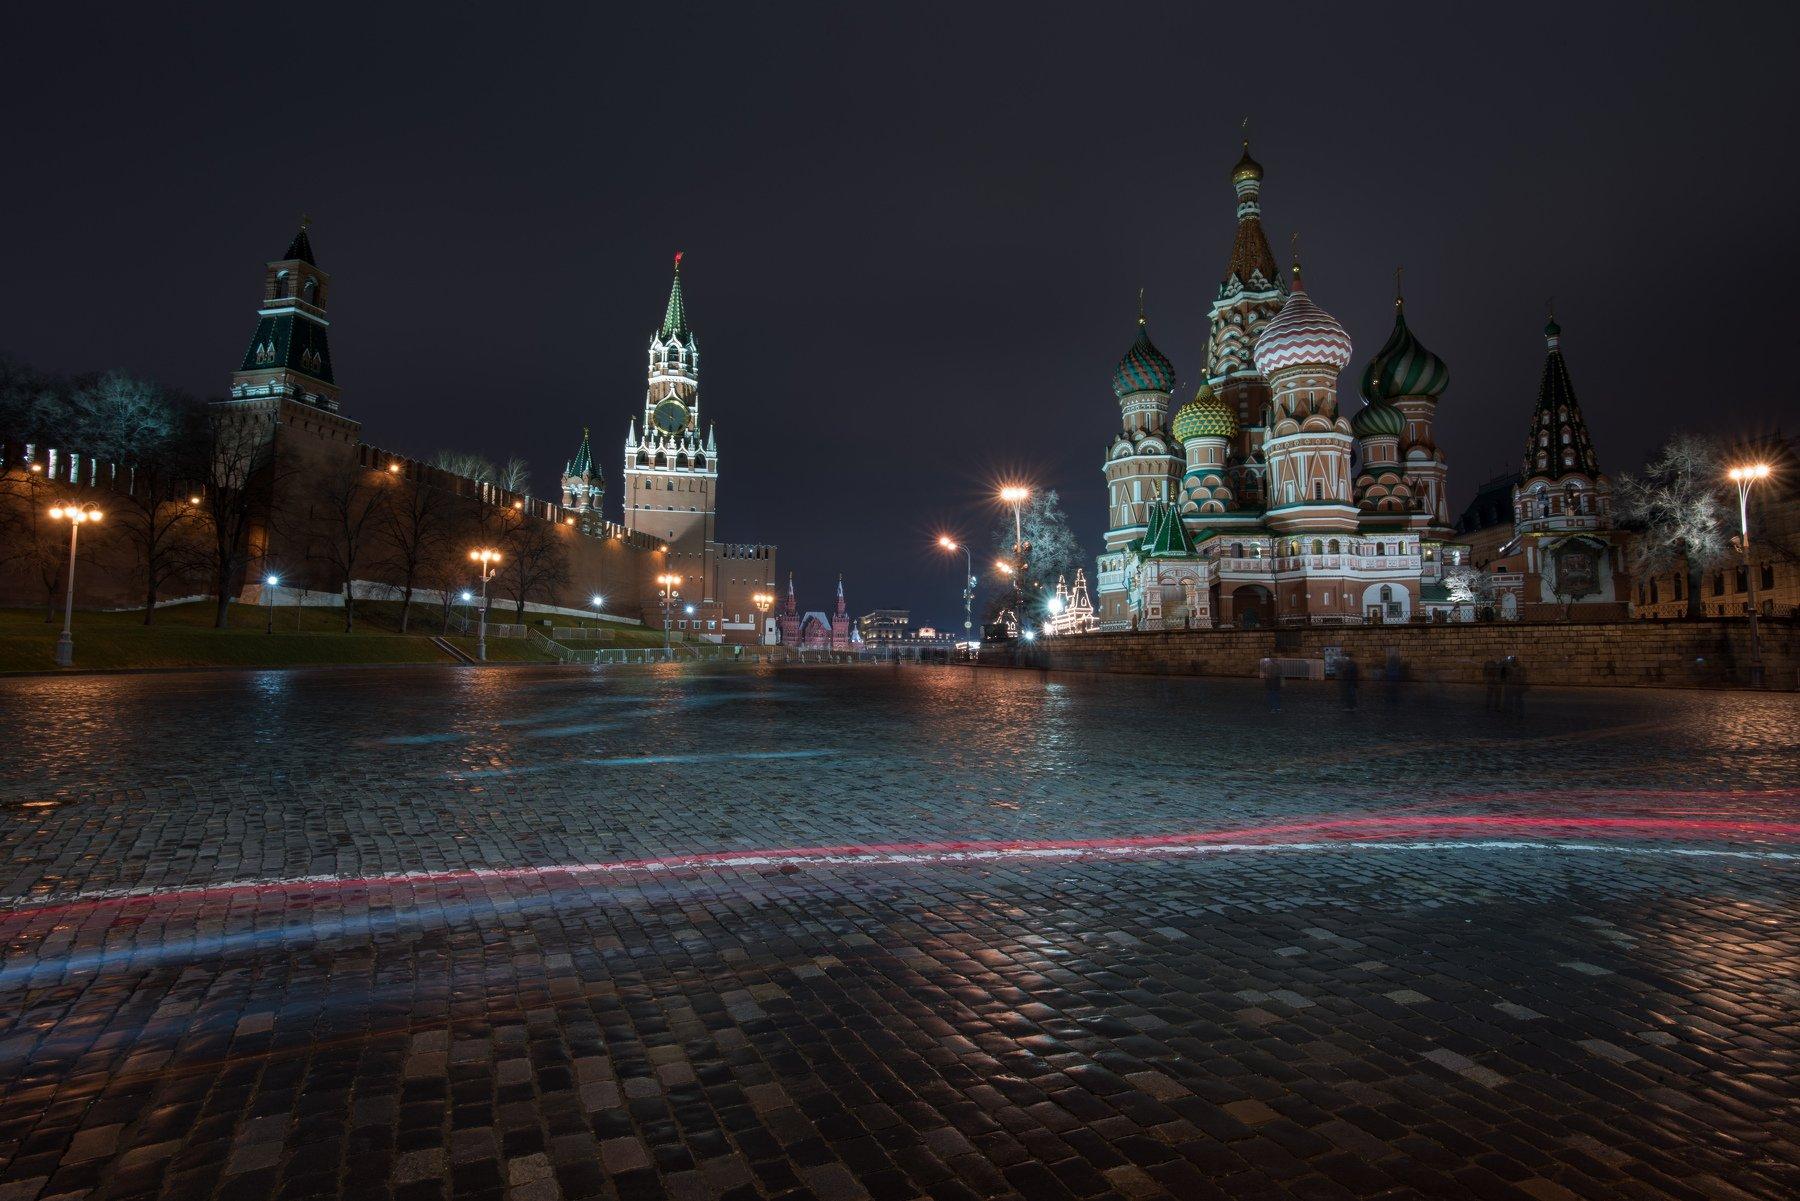 красная площадь, кремль, ночь, никон, москва, россия, никон, nikon, russia, moscow, kremlin, long exposure, red square, city, nighty, vgundarev